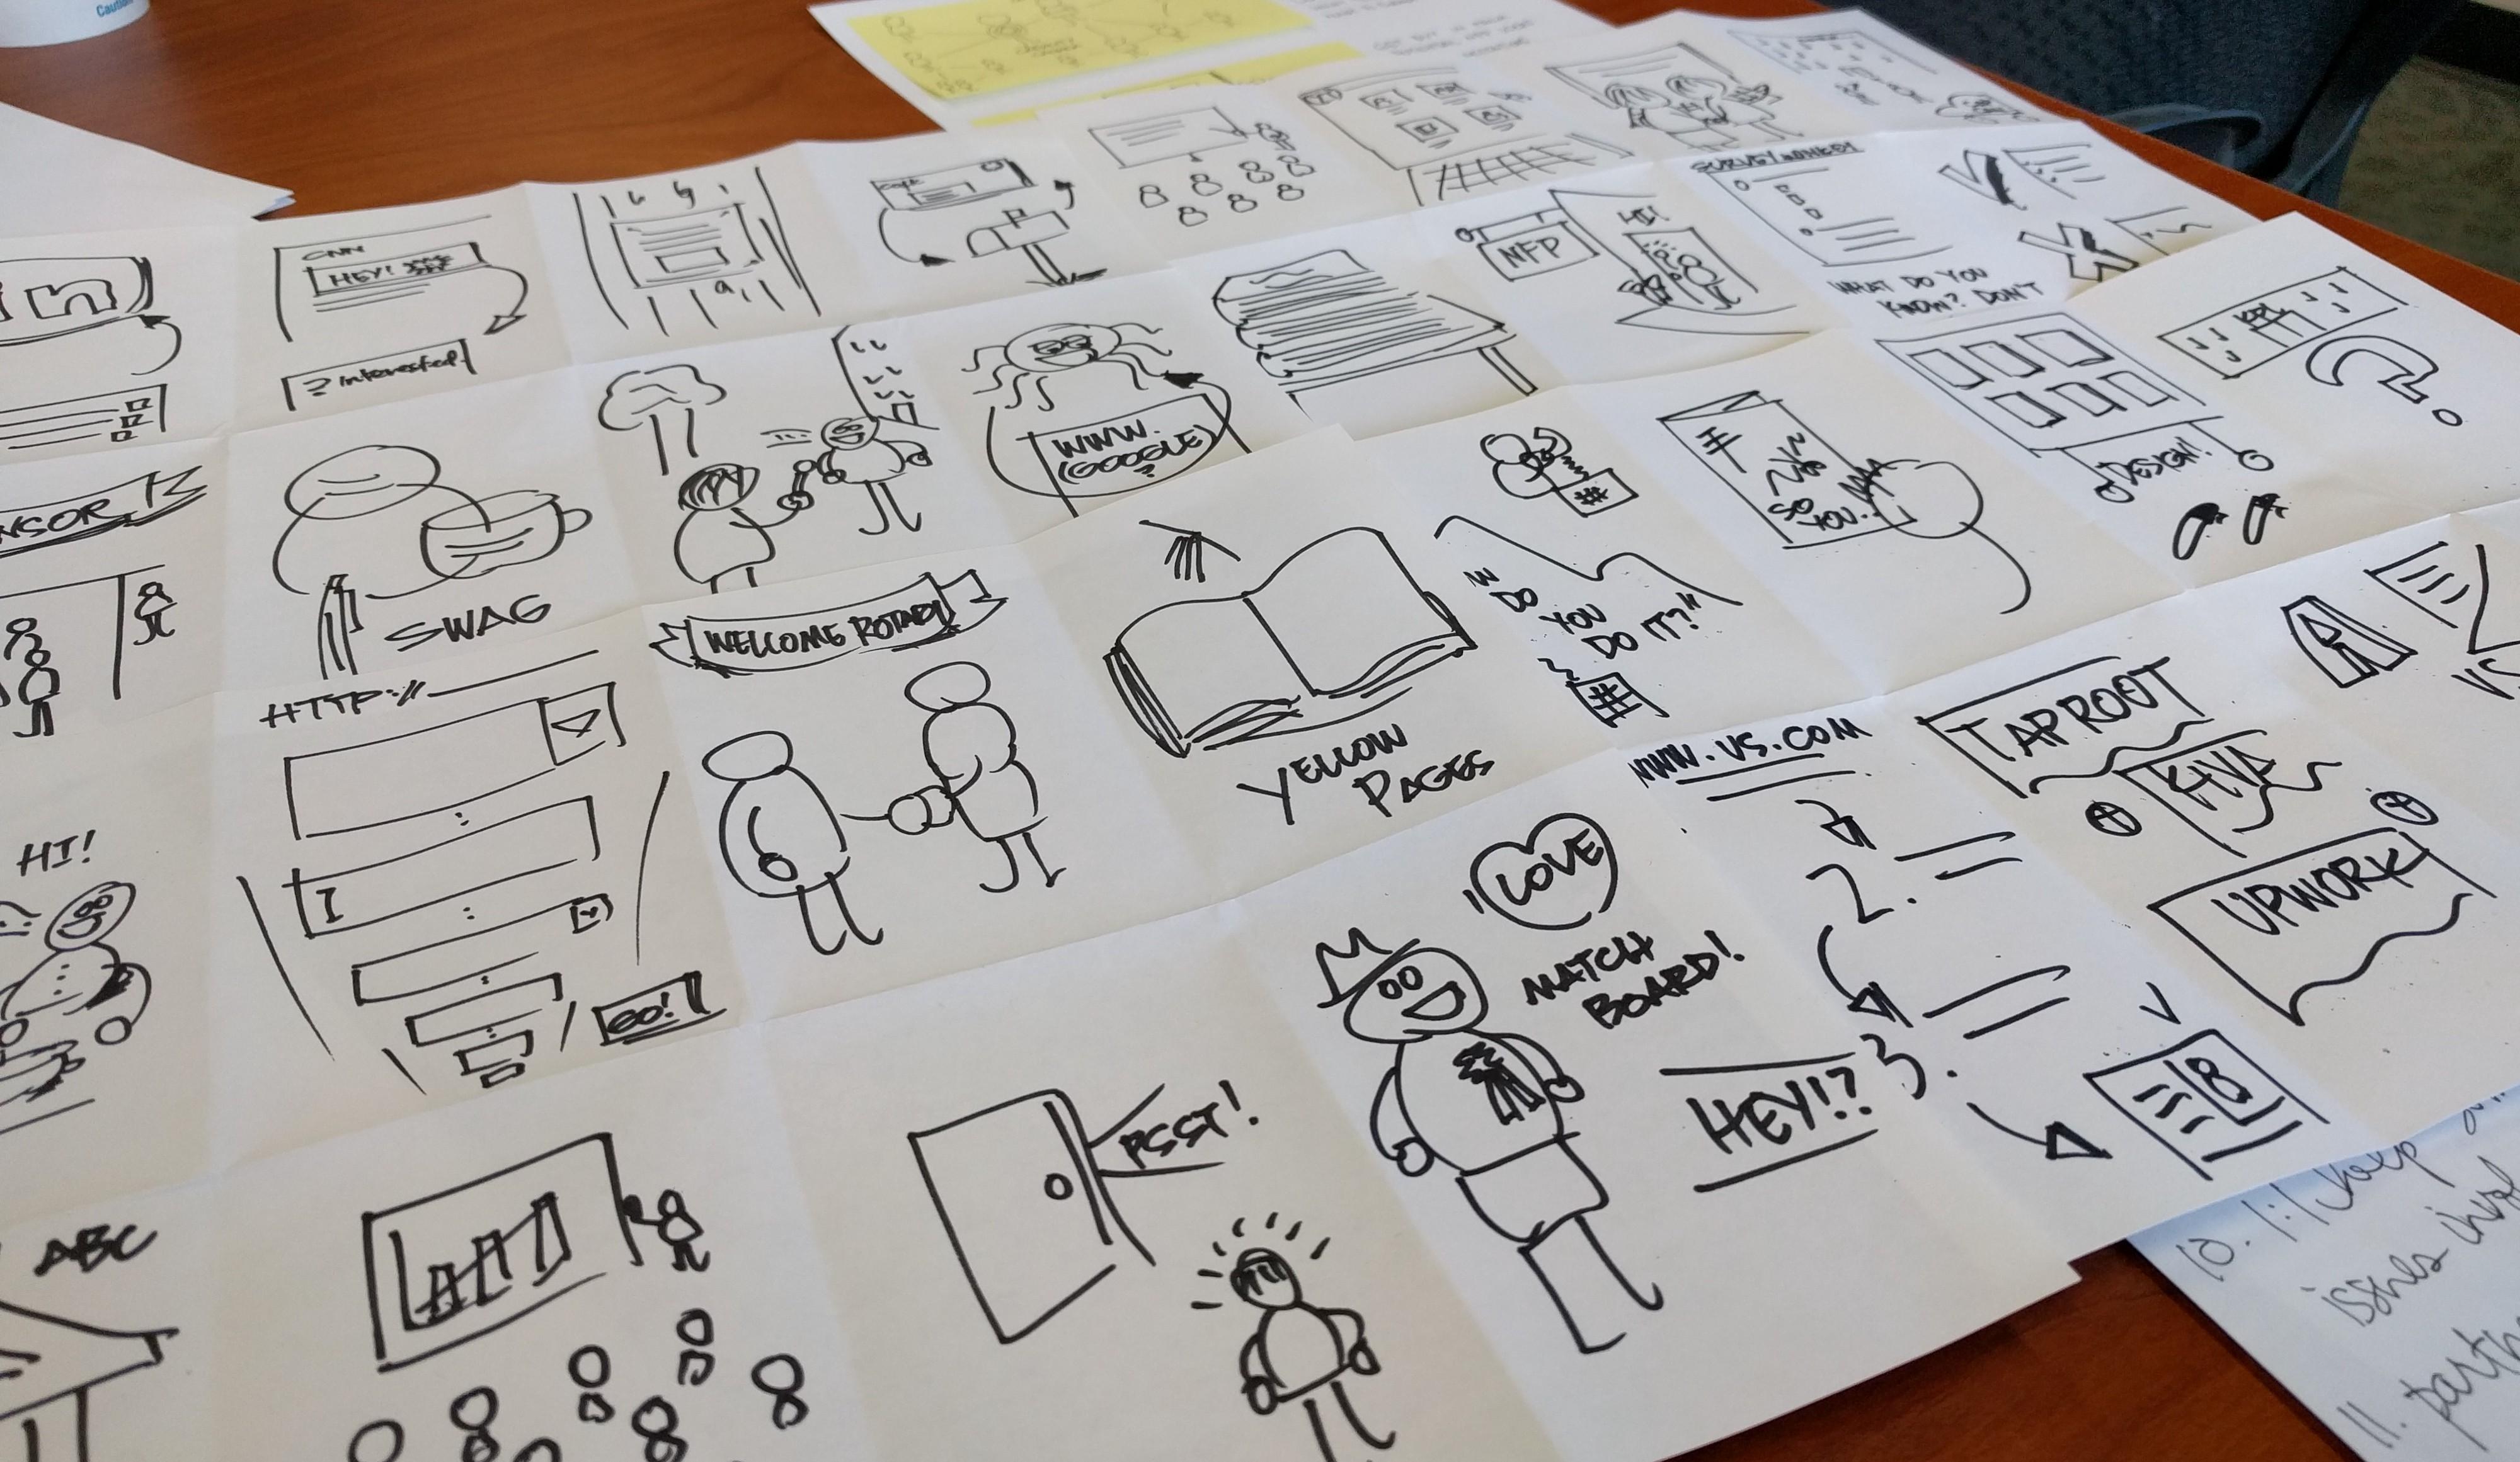 'Crazy 8s' sketches as part of a Google Design Sprint exercise